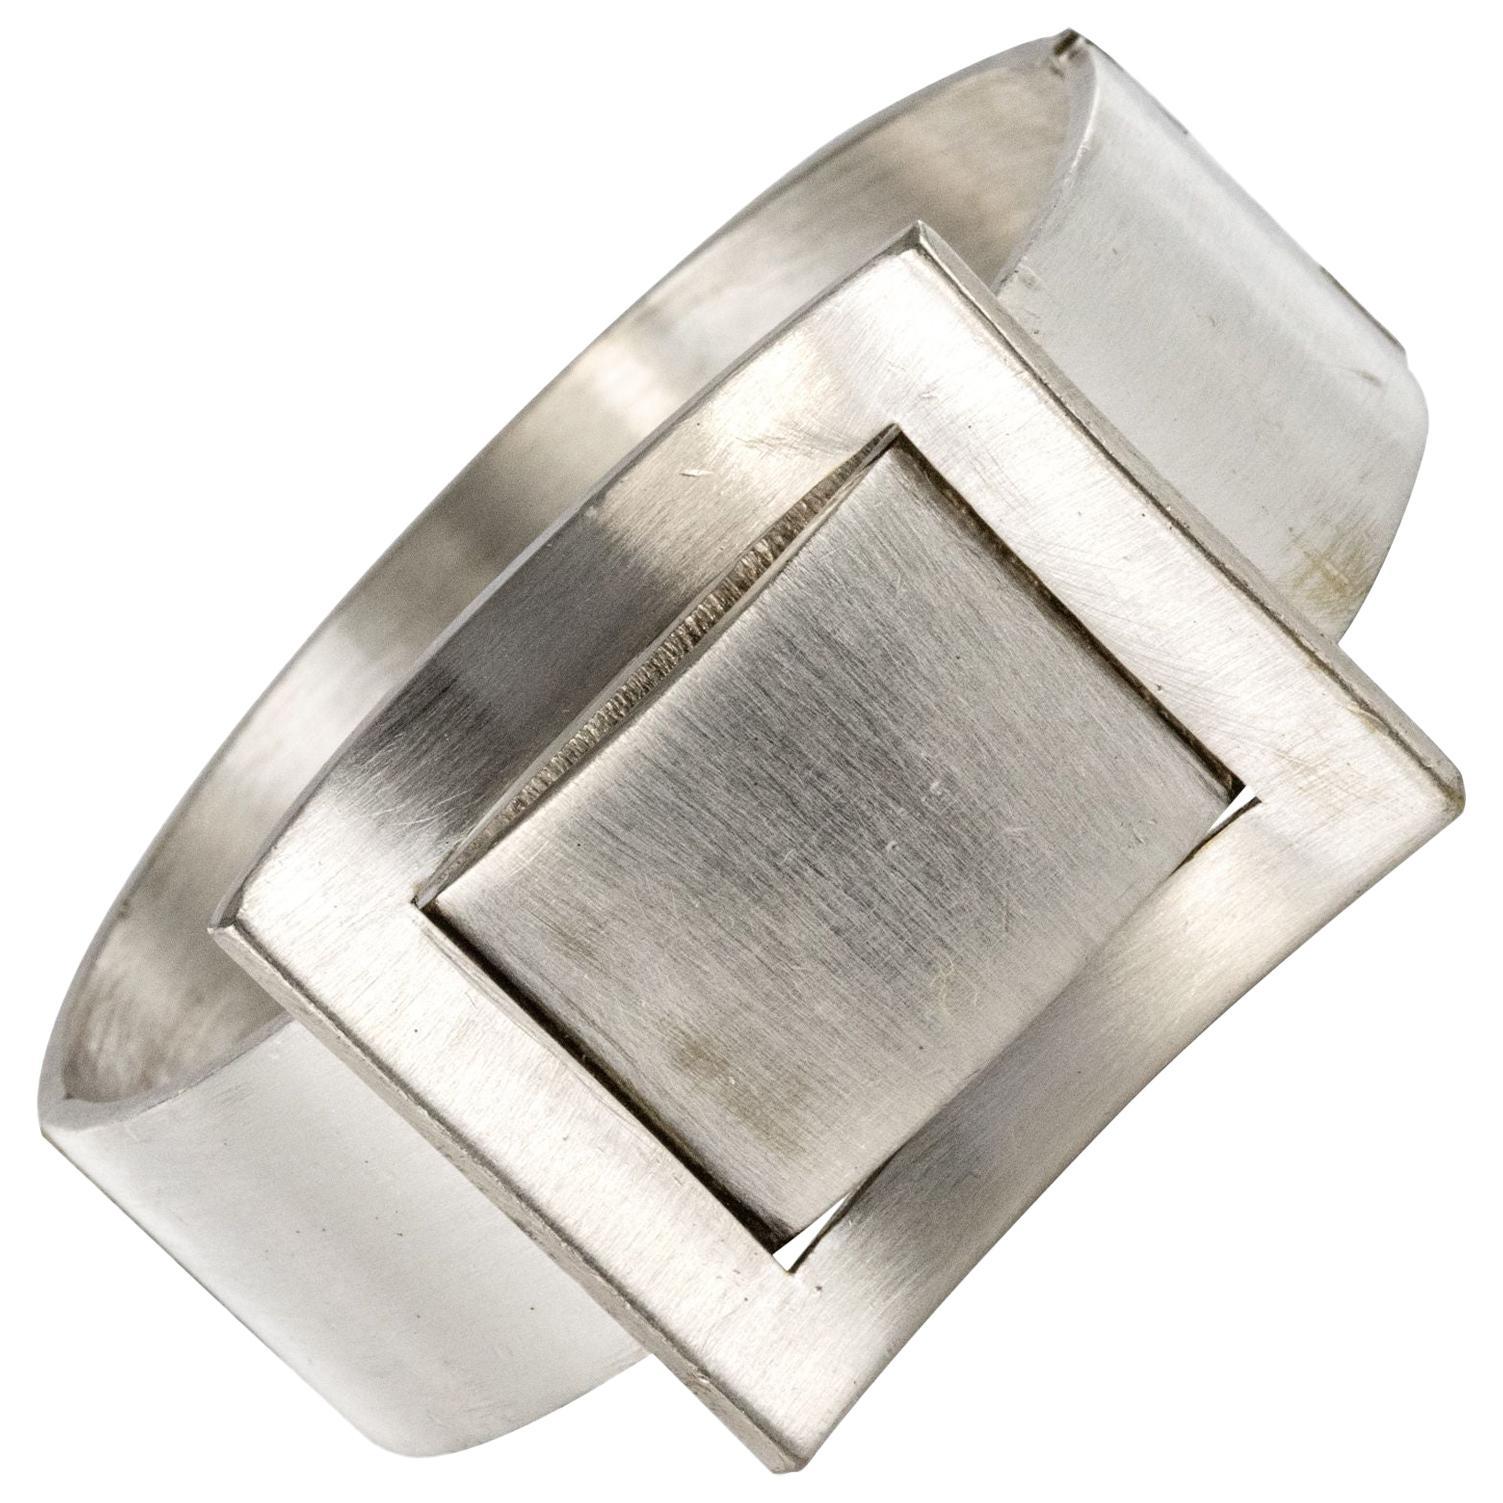 1970s Modernist Silver Bangle Bracelet Watch